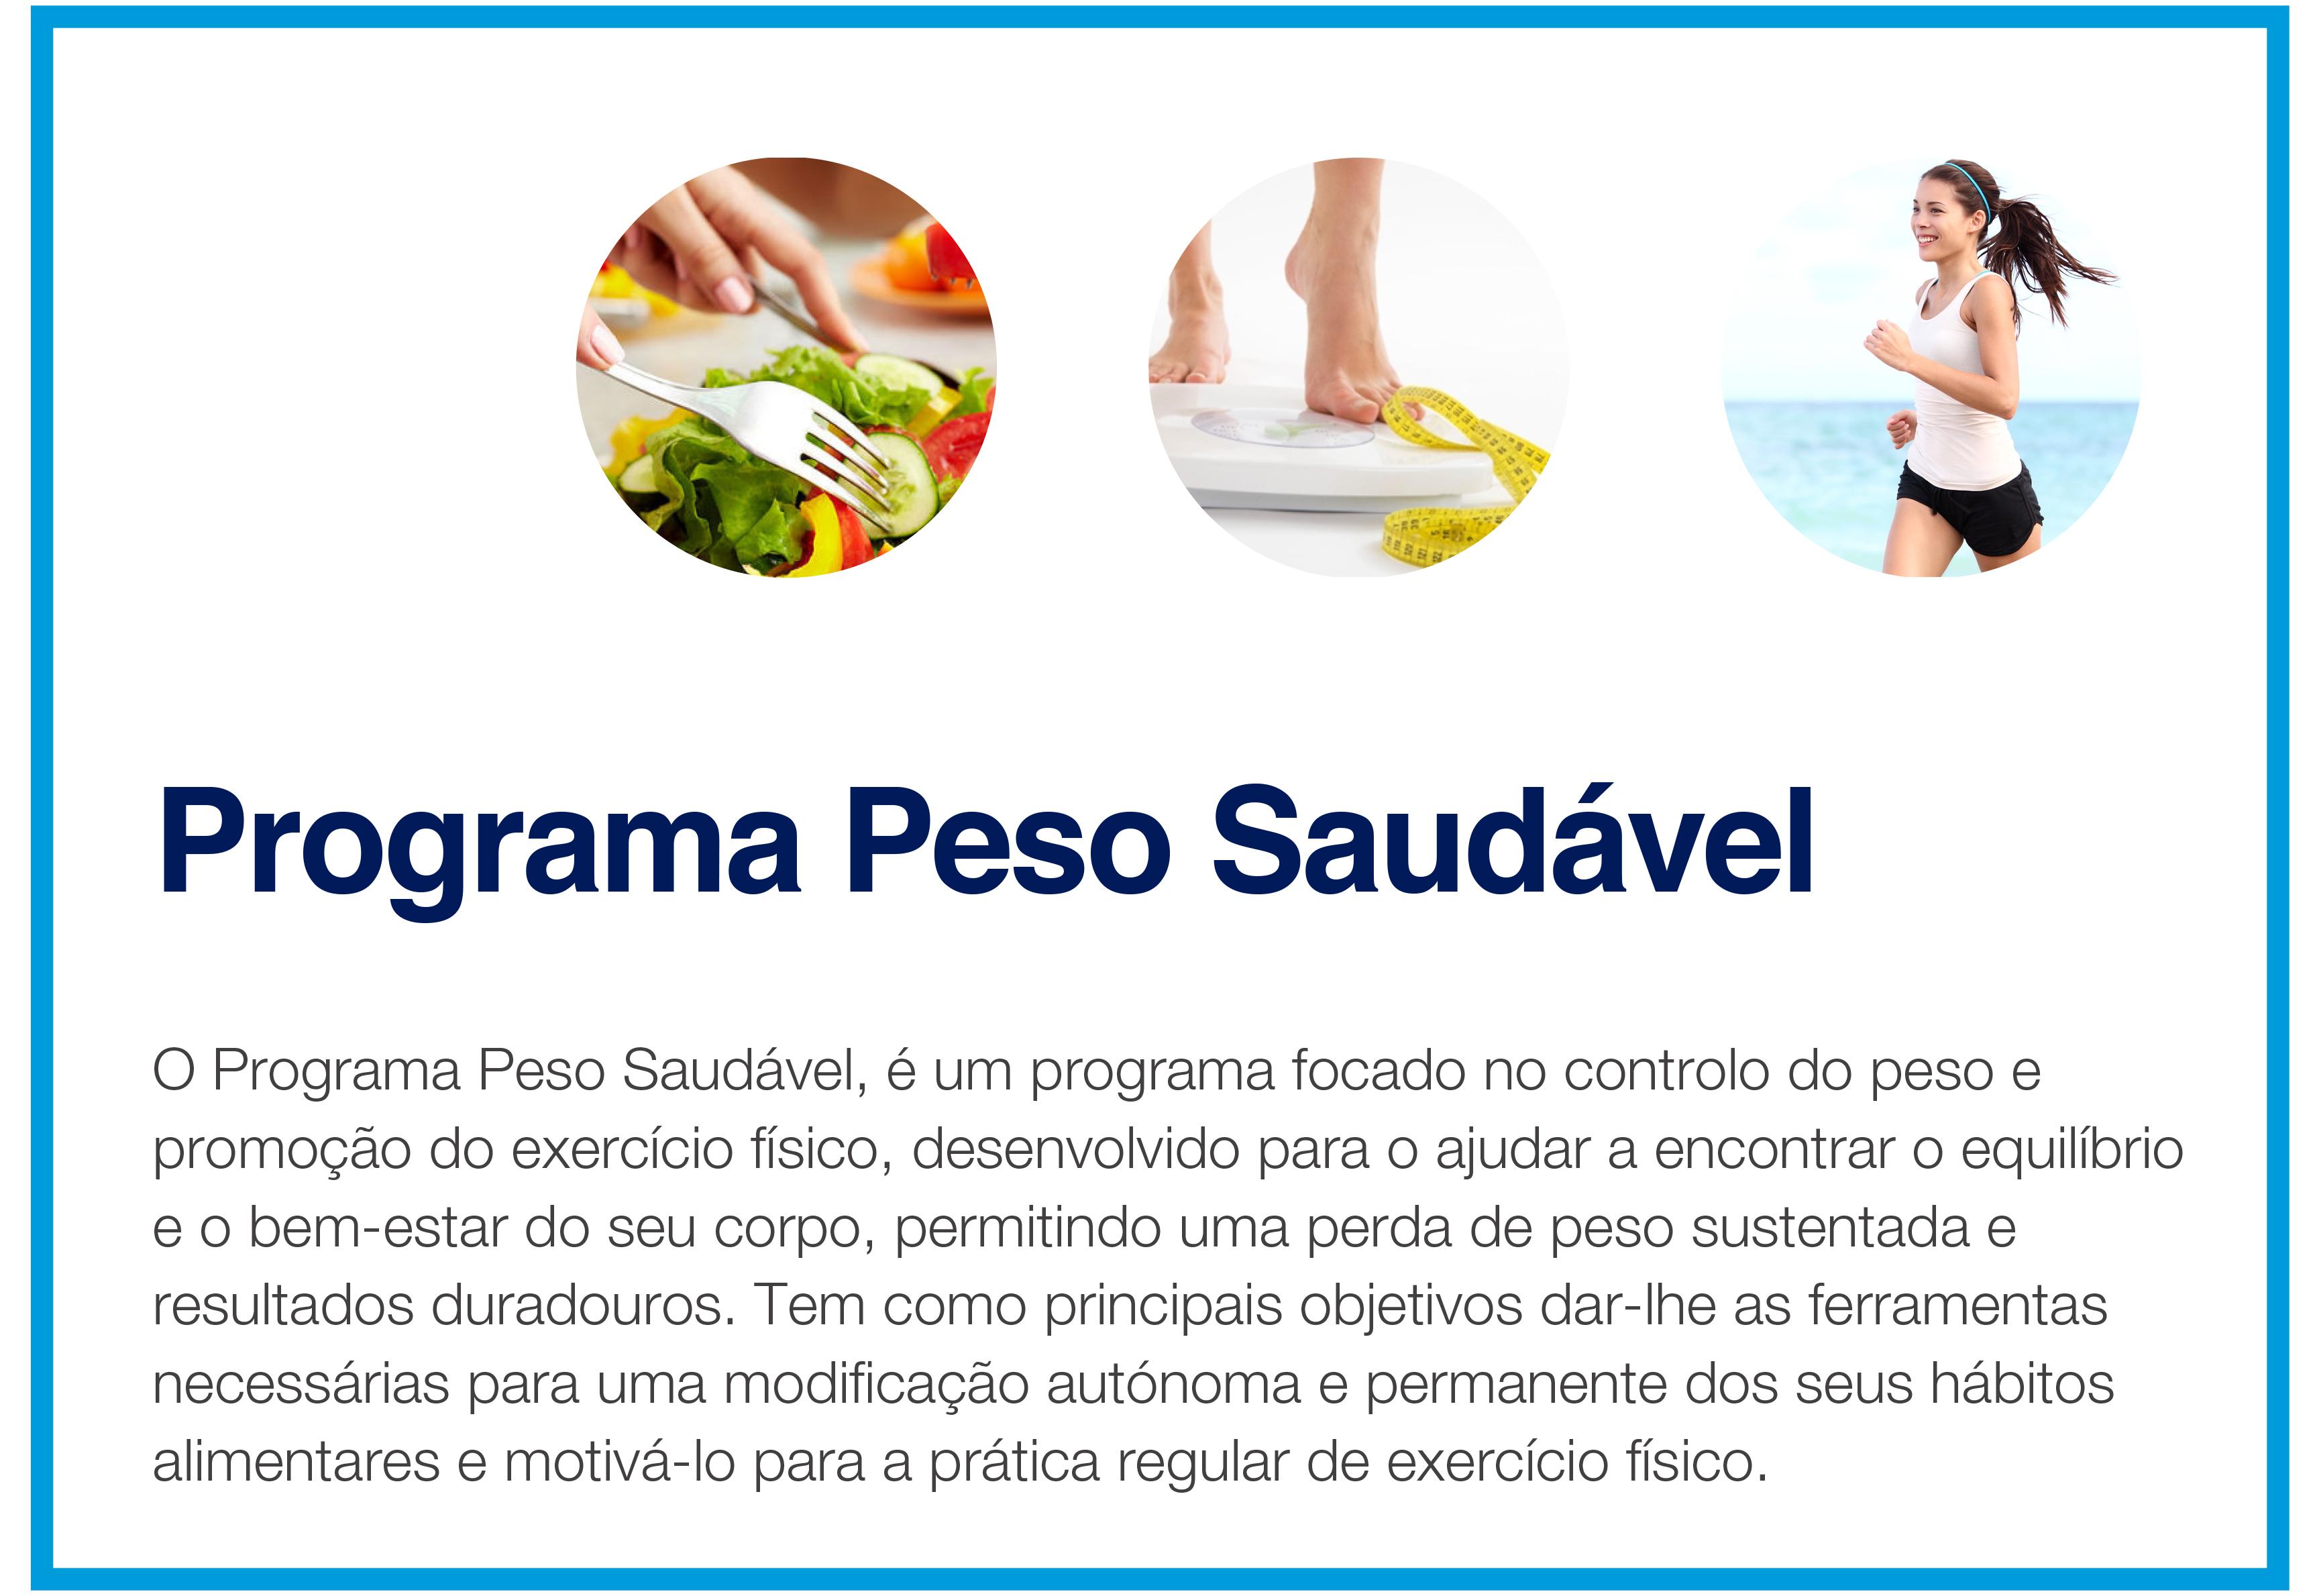 programa peso saudável